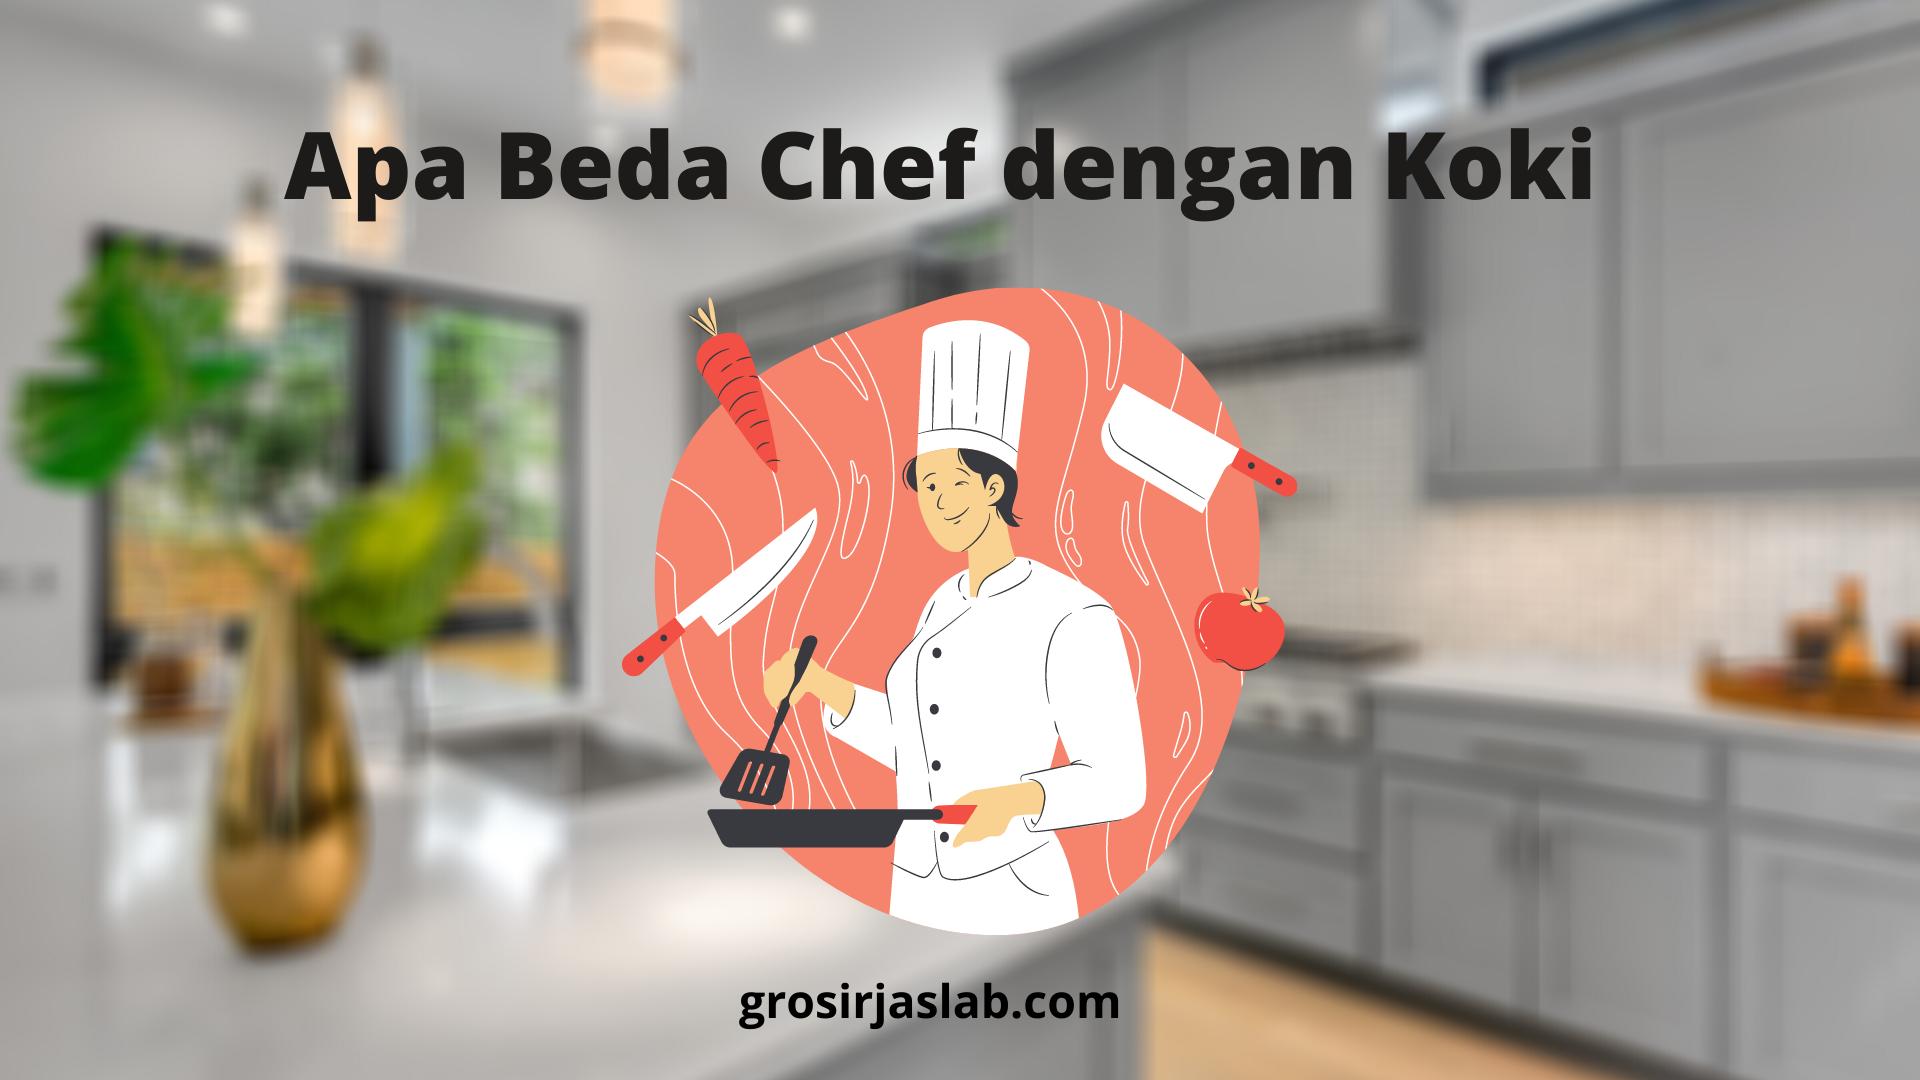 apa beda chef dengan koki